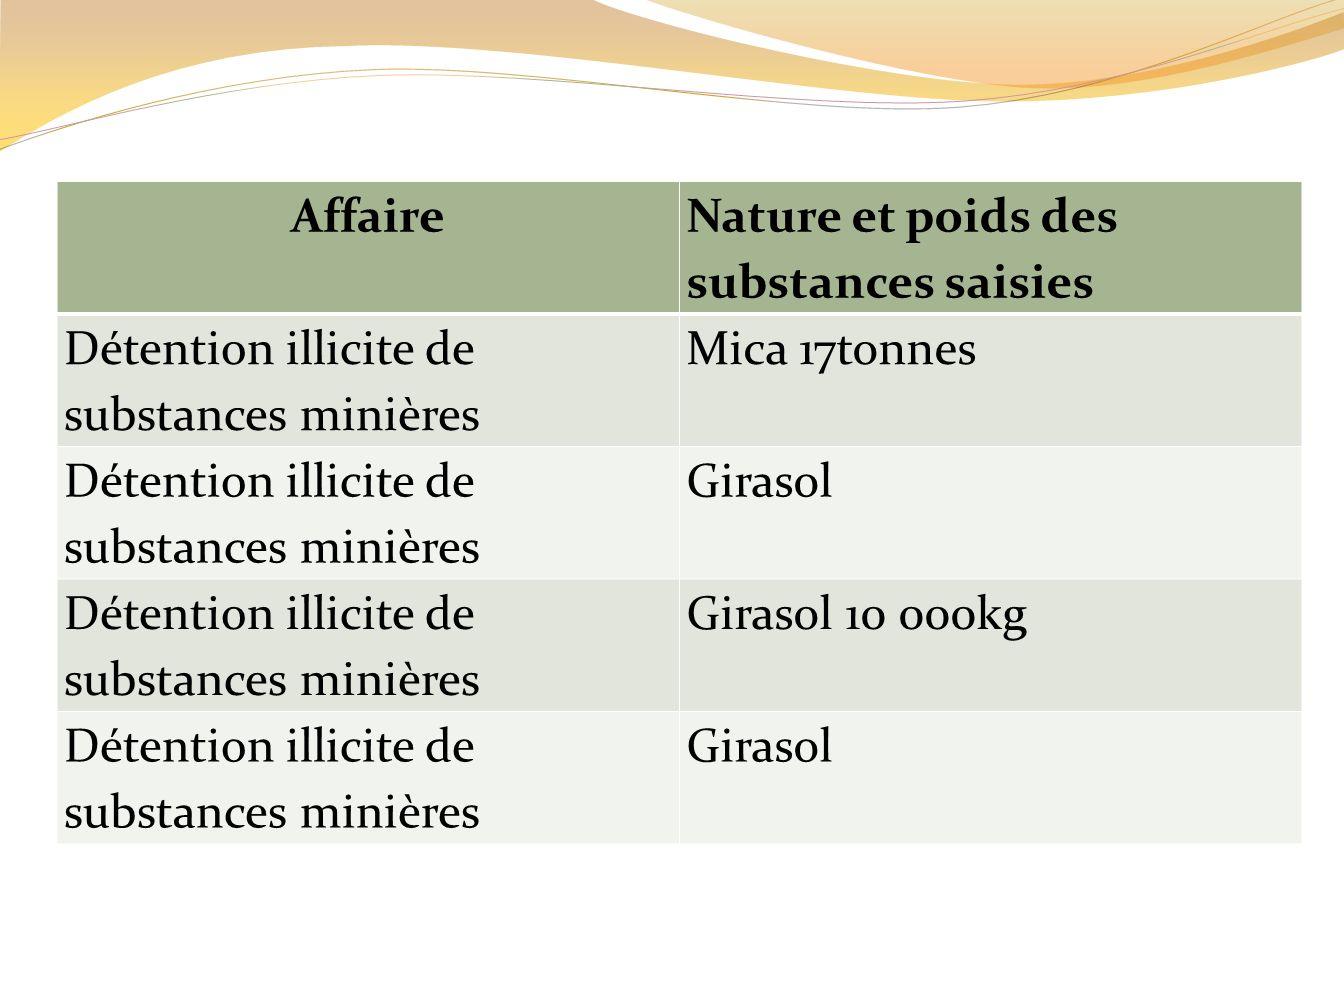 Affaire Nature et poids des substances saisies. Détention illicite de substances minières. Mica 17tonnes.